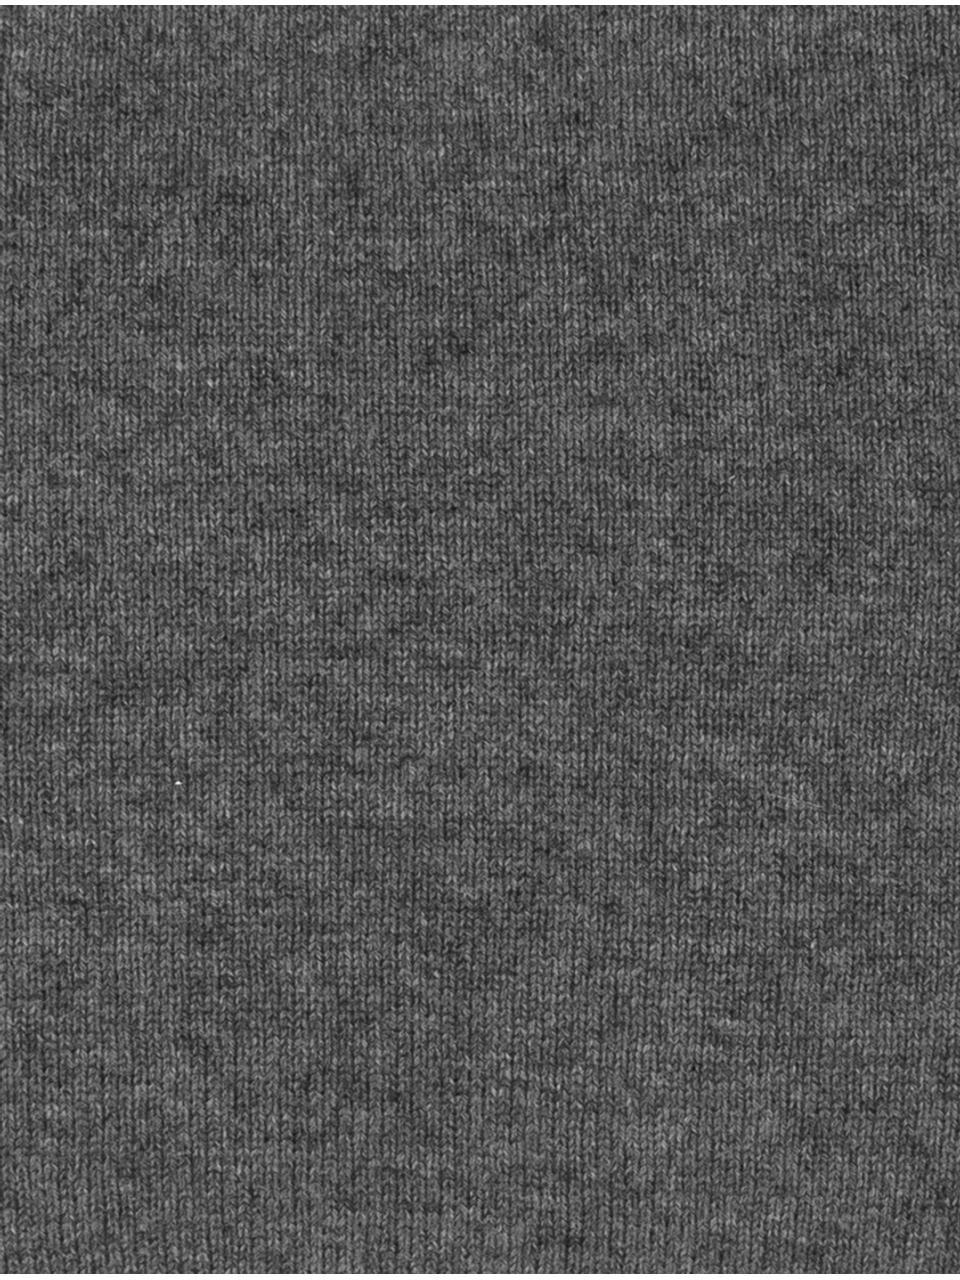 Fein gestrickte Kaschmir-Kissenhülle Viviana, 70% Kaschmir, 30% Merinowolle, Dunkelgrau, 40 x 40 cm